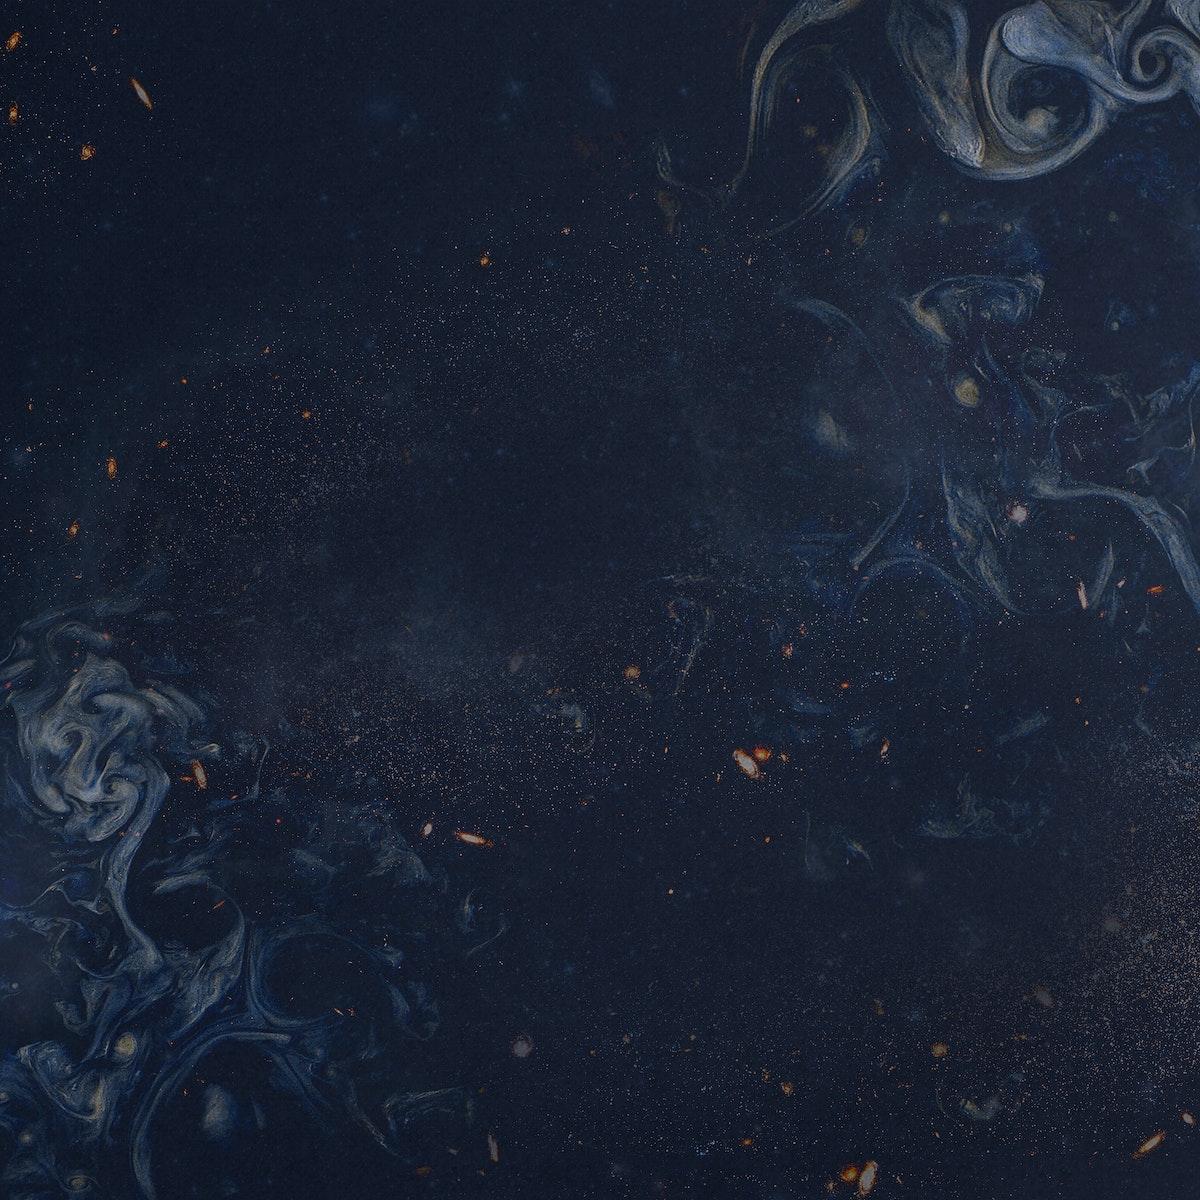 Indigo blue paint textured background